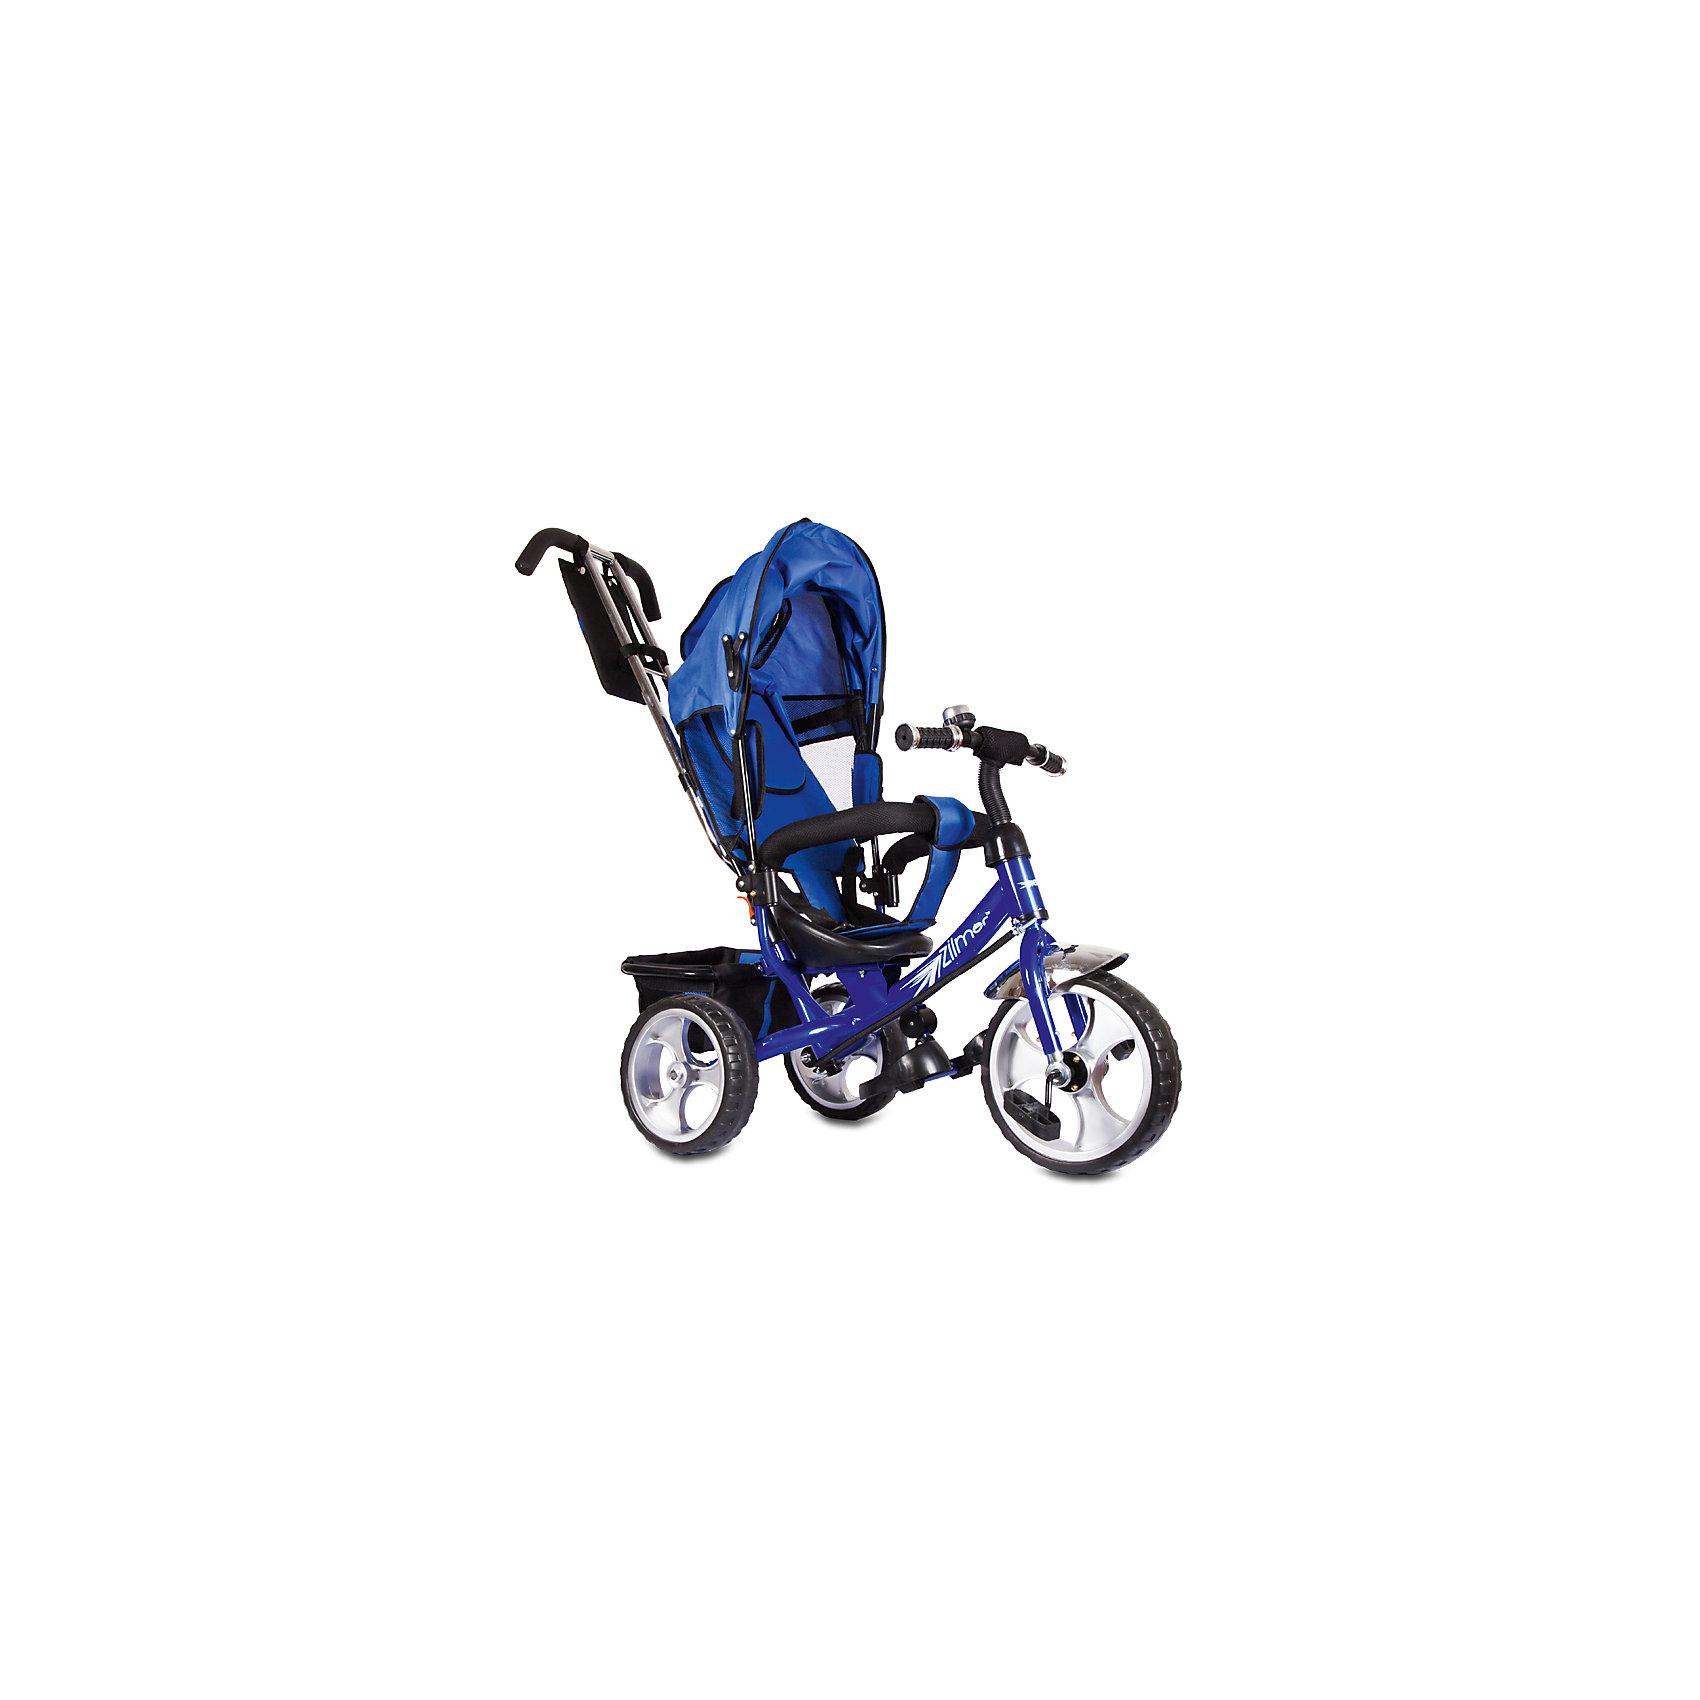 Трехколесный велосипед Сильвер Люкс, синий, ZilmerВелосипеды детские<br>Характеристики товара:<br><br>• материал: металл, полимер, текстиль<br>• цвет: синий<br>• диаметр колес: переднее - 304,8 мм (12 дюймов), задние - 254 мм (10 дюймов)<br>• блокировка колес<br>• удобный руль <br>• безопасные поручни<br>• управление ручкой для родителей<br>• подставка под ноги<br>• корзинка<br>• материал колес: EVA<br>• надежные материалы<br>• козырек<br>• продуманная конструкция<br>• яркий цвет<br>• возраст: от 12 мес<br>• размер: 68х28х36 см<br>• вес: 9 кг<br>• страна производства: Китай<br><br>Подарить родителям и малышу такой велосипед - значит, помочь развитию ребенка. Он способствует скорейшему развитию способности ориентироваться в пространстве, развивает физические способности, мышление и ловкость. Помимо этого, кататься на нём - очень увлекательное занятие!<br><br>Этот велосипед разработан специально для малышей. Он чем-то похож на коляску: есть родительская ручка и специальные подставки под ножки. С помощью ручки родители легко координируют направление движения. Данная модель выполнена в ярком дизайне, отличается продуманной конструкцией и деталями, которые обеспечивают безопасность ребенка. Отличный подарок для активного малыша!<br><br>Трехколесный велосипед Сильвер Люкс, синий, от бренда Zilmer можно купить в нашем интернет-магазине.<br><br>Ширина мм: 625<br>Глубина мм: 380<br>Высота мм: 290<br>Вес г: 10000<br>Возраст от месяцев: 12<br>Возраст до месяцев: 36<br>Пол: Мужской<br>Возраст: Детский<br>SKU: 5478515